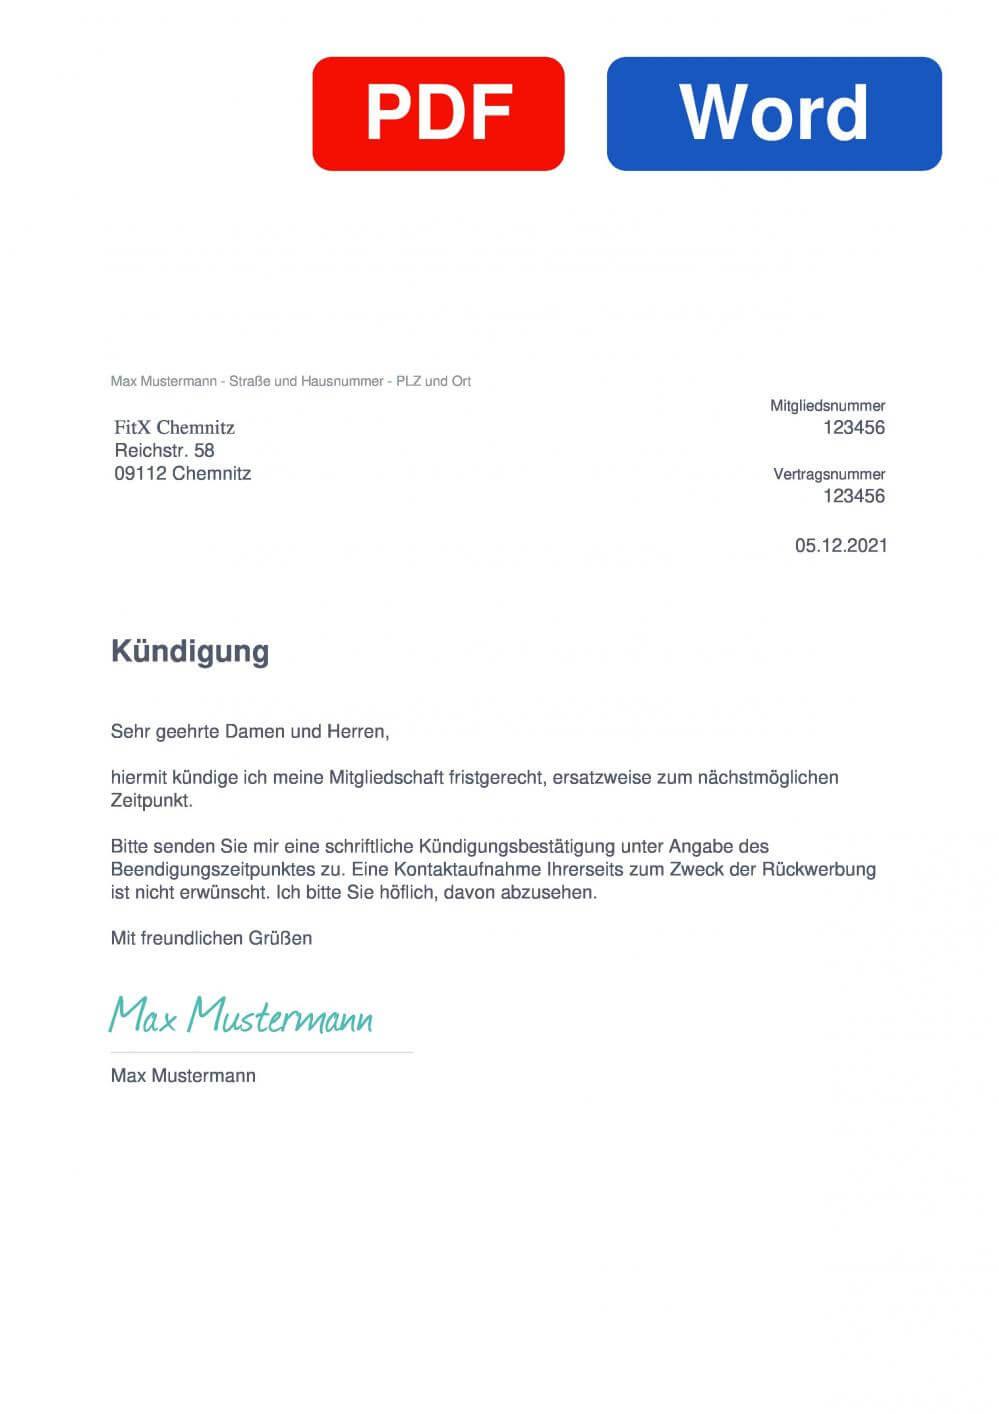 FitX Chemnitz Muster Vorlage für Kündigungsschreiben